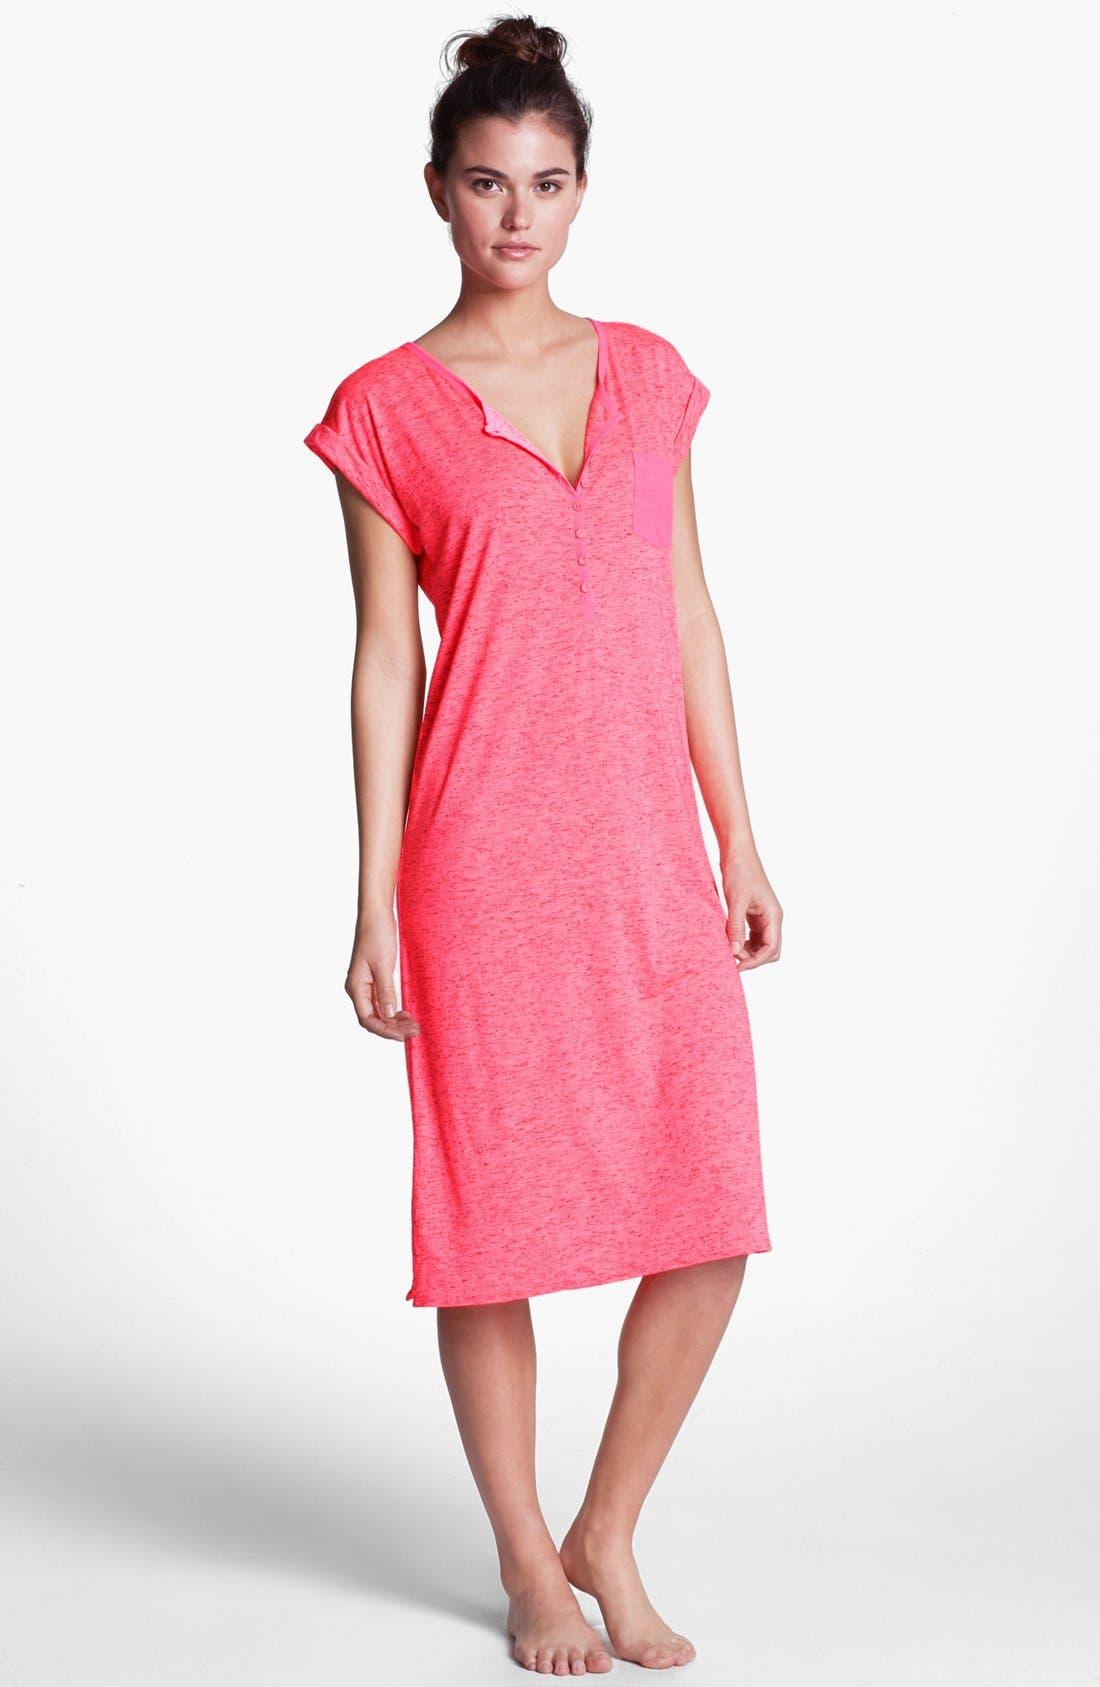 Main Image - kensie 'Neon Tide' Nightgown